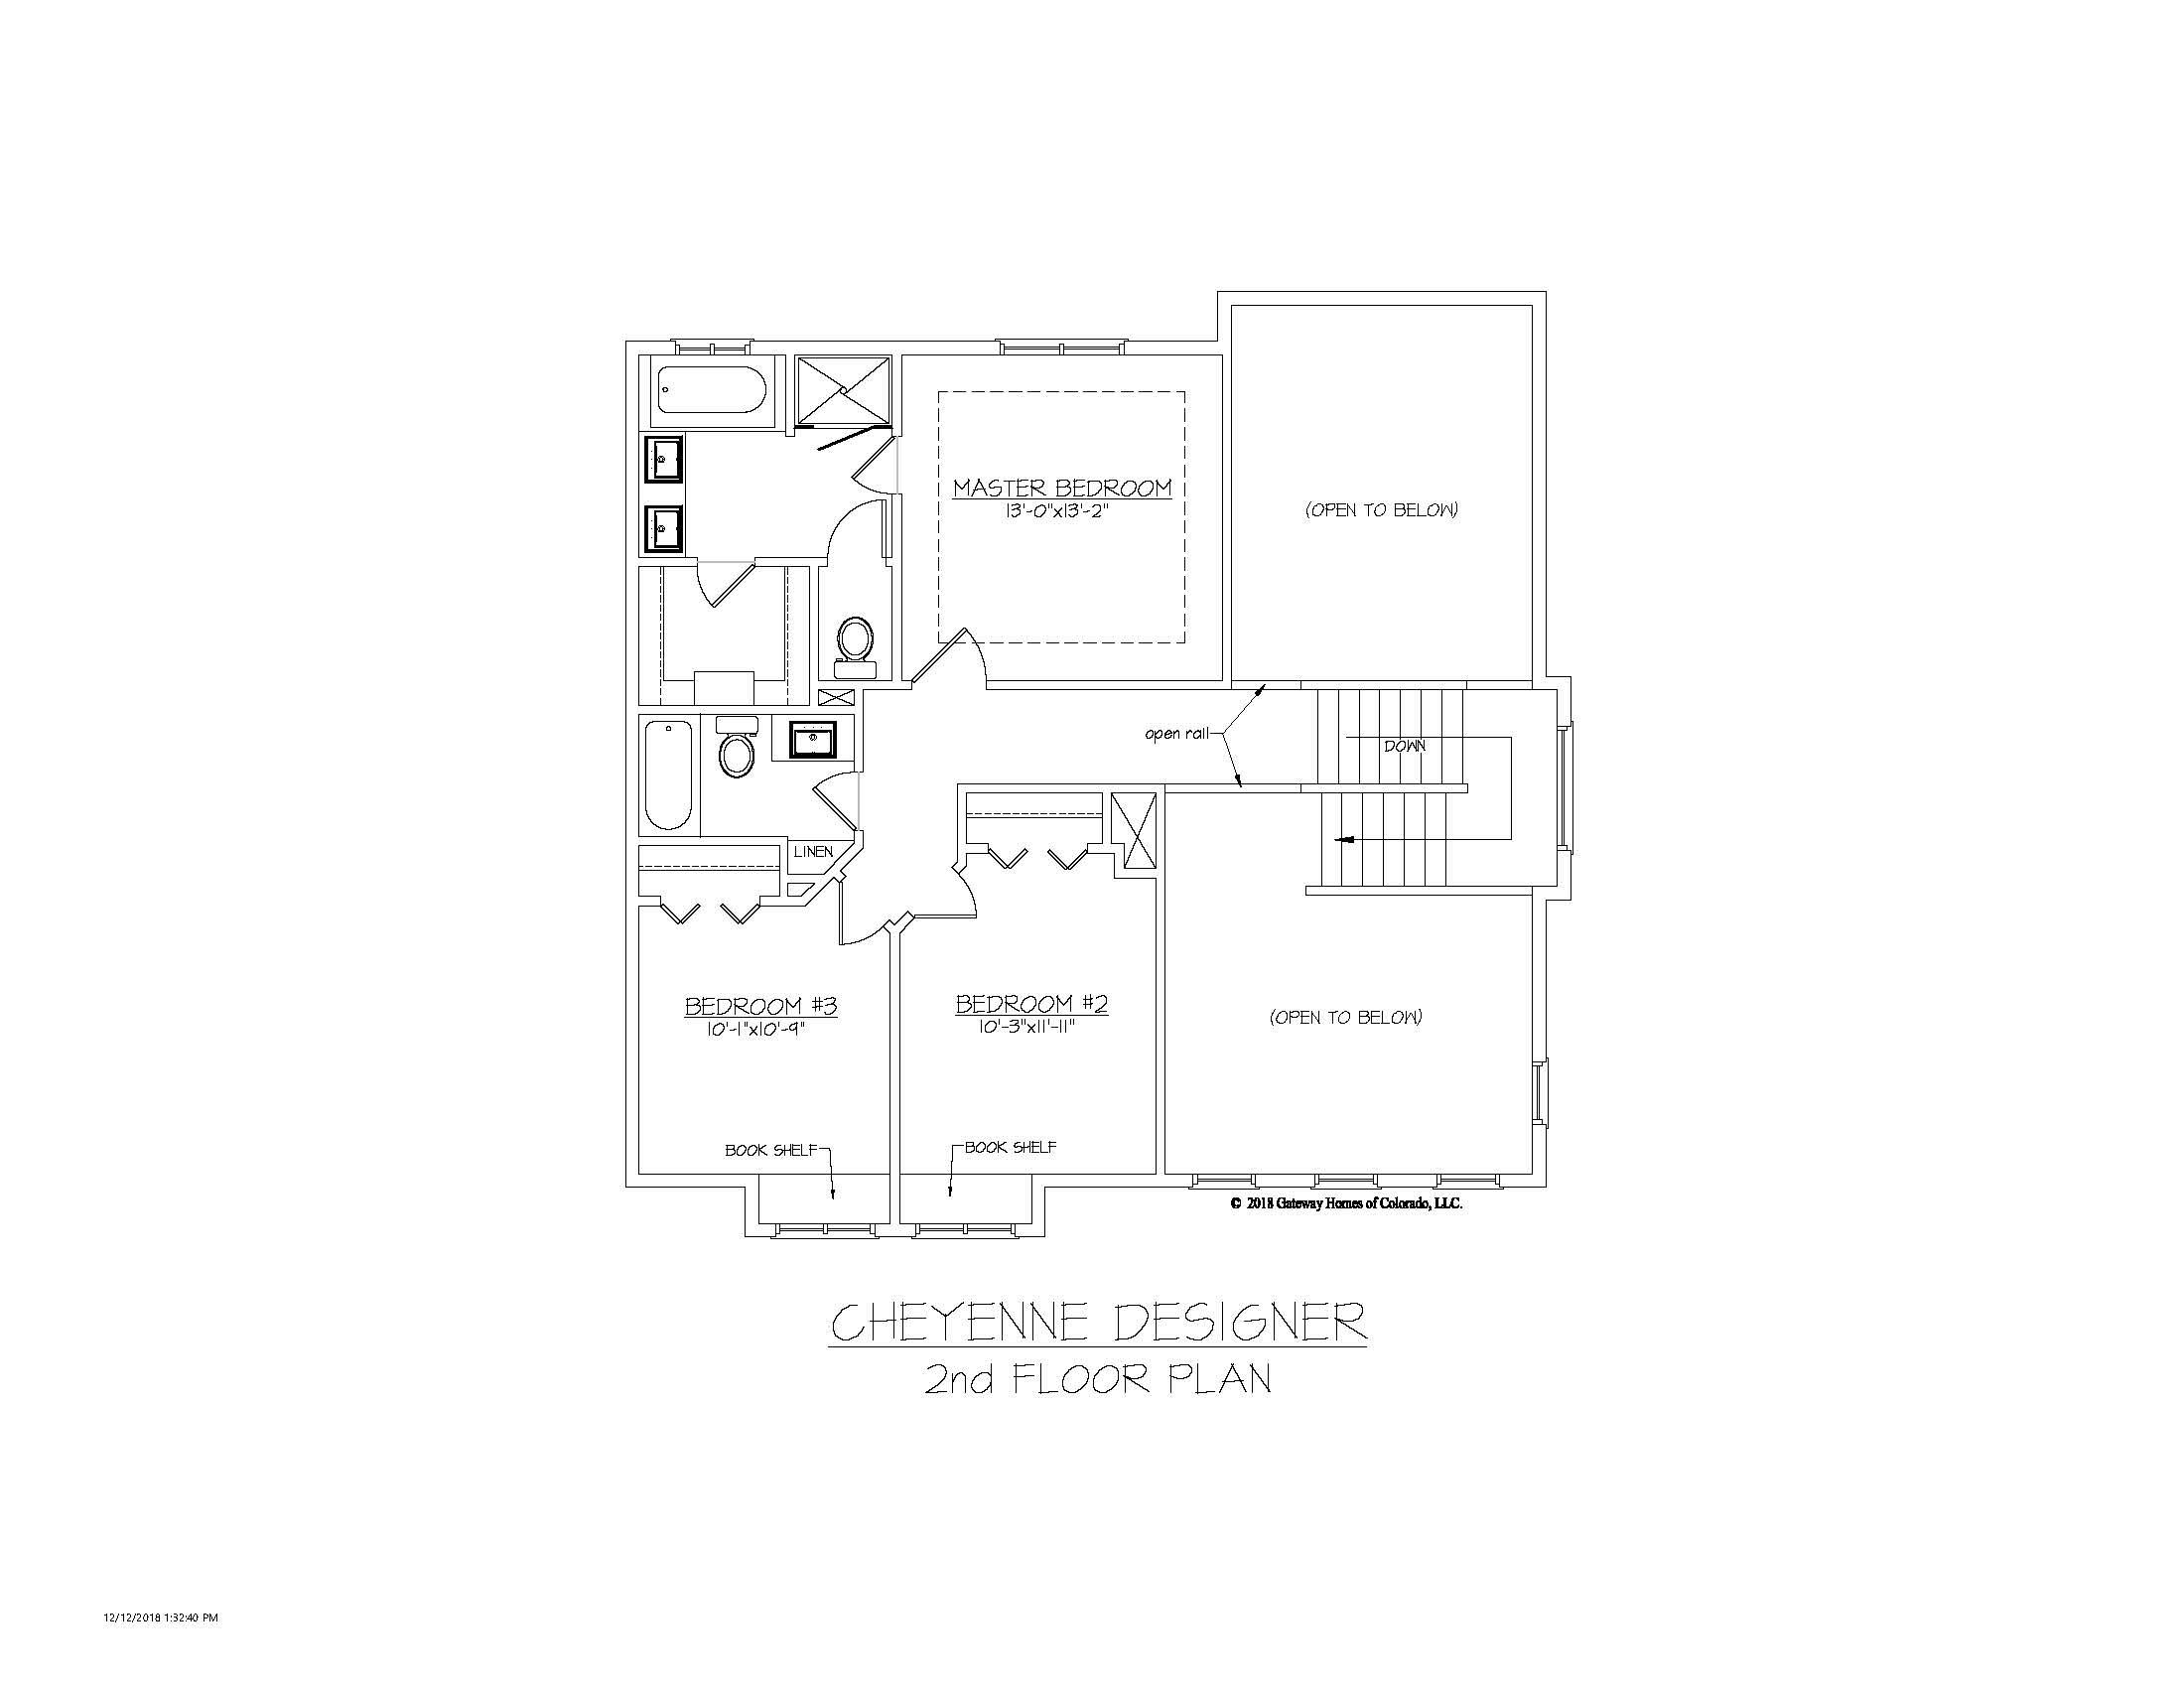 SM Cheyenne Designer 2nd Floor Plan